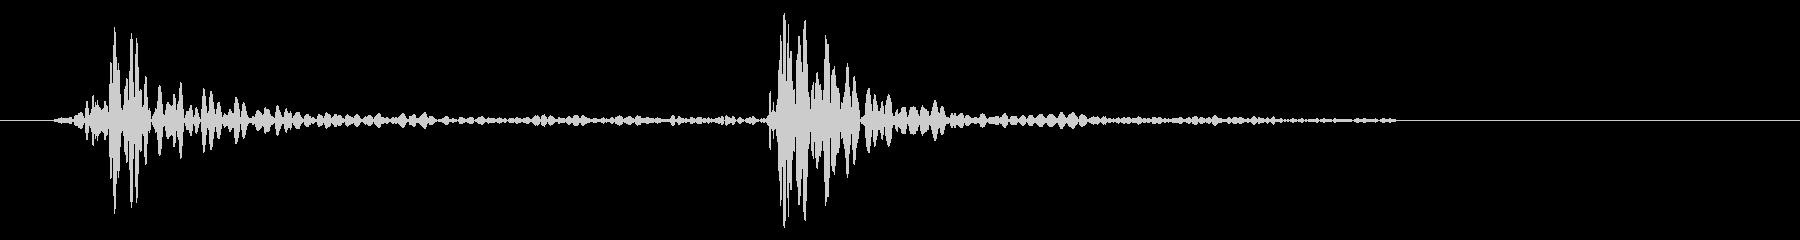 車のワイパーの音/1往復/遅いの未再生の波形